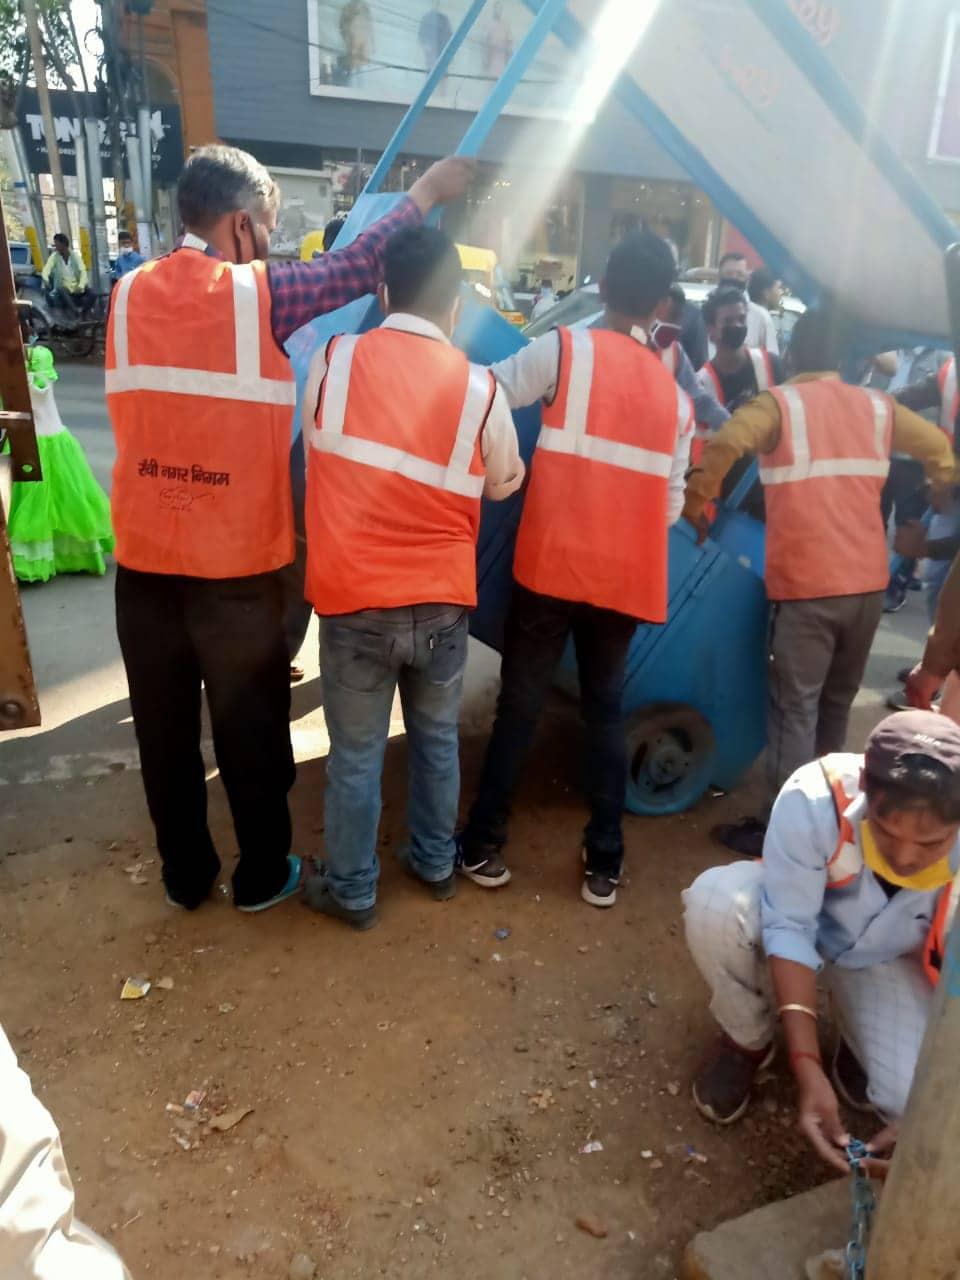 चेकिंग अभियान के दौरान नगर निगम कर्मी सड़क पर लगे अतिक्रमण को हटाते हुए